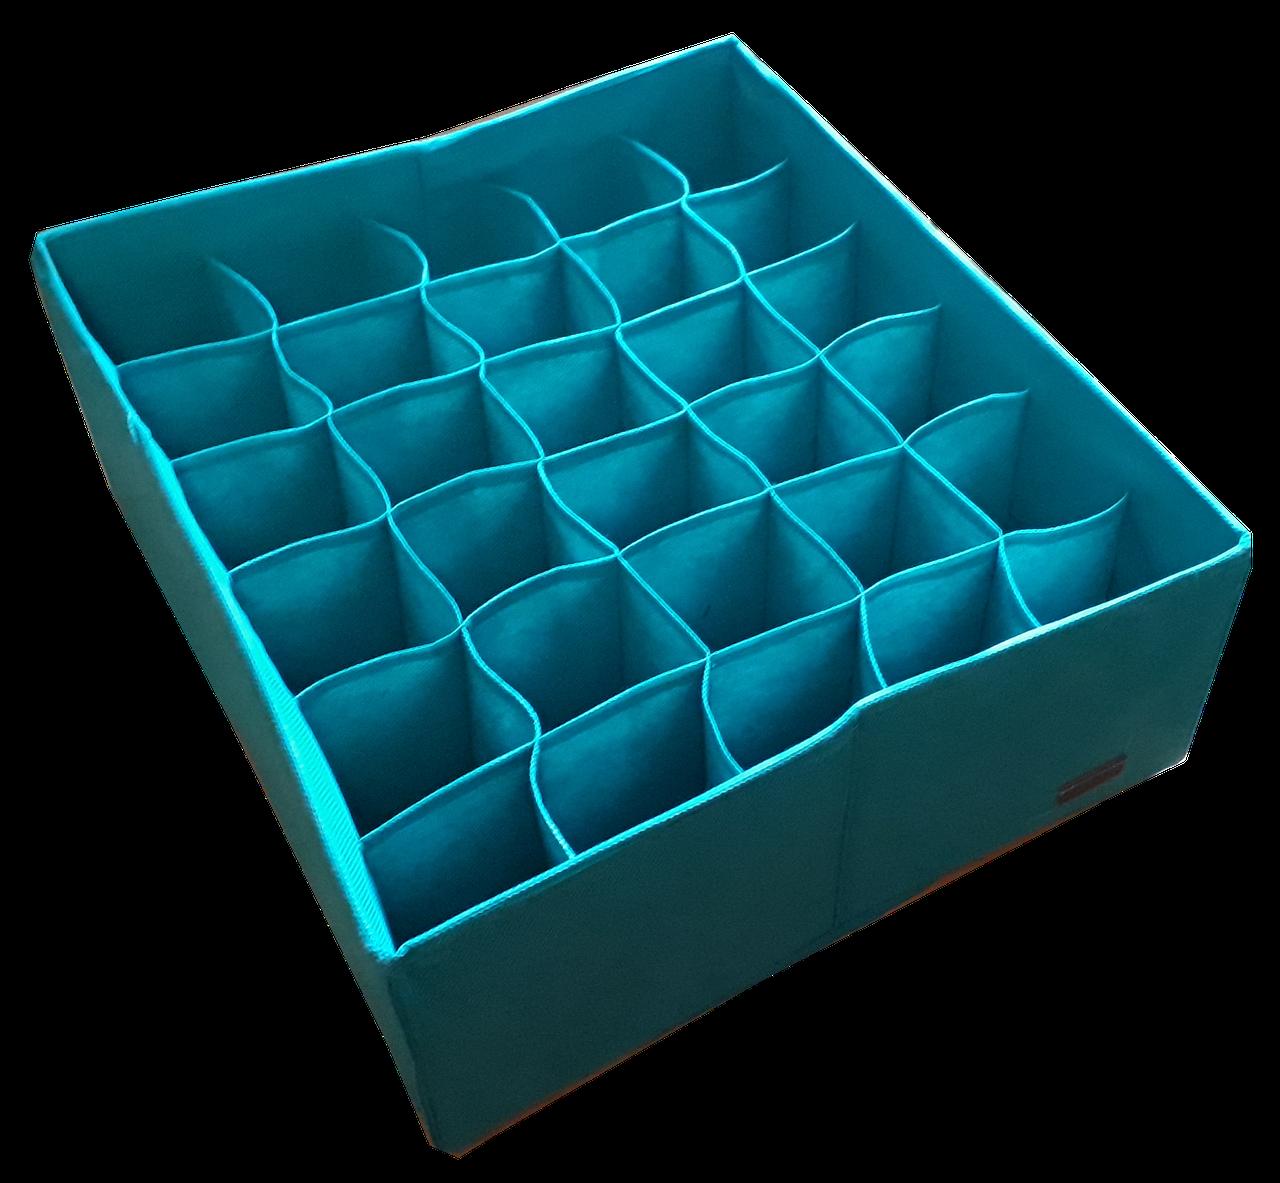 Органайзеры для белья по индивидуальным размерам (модель 47)